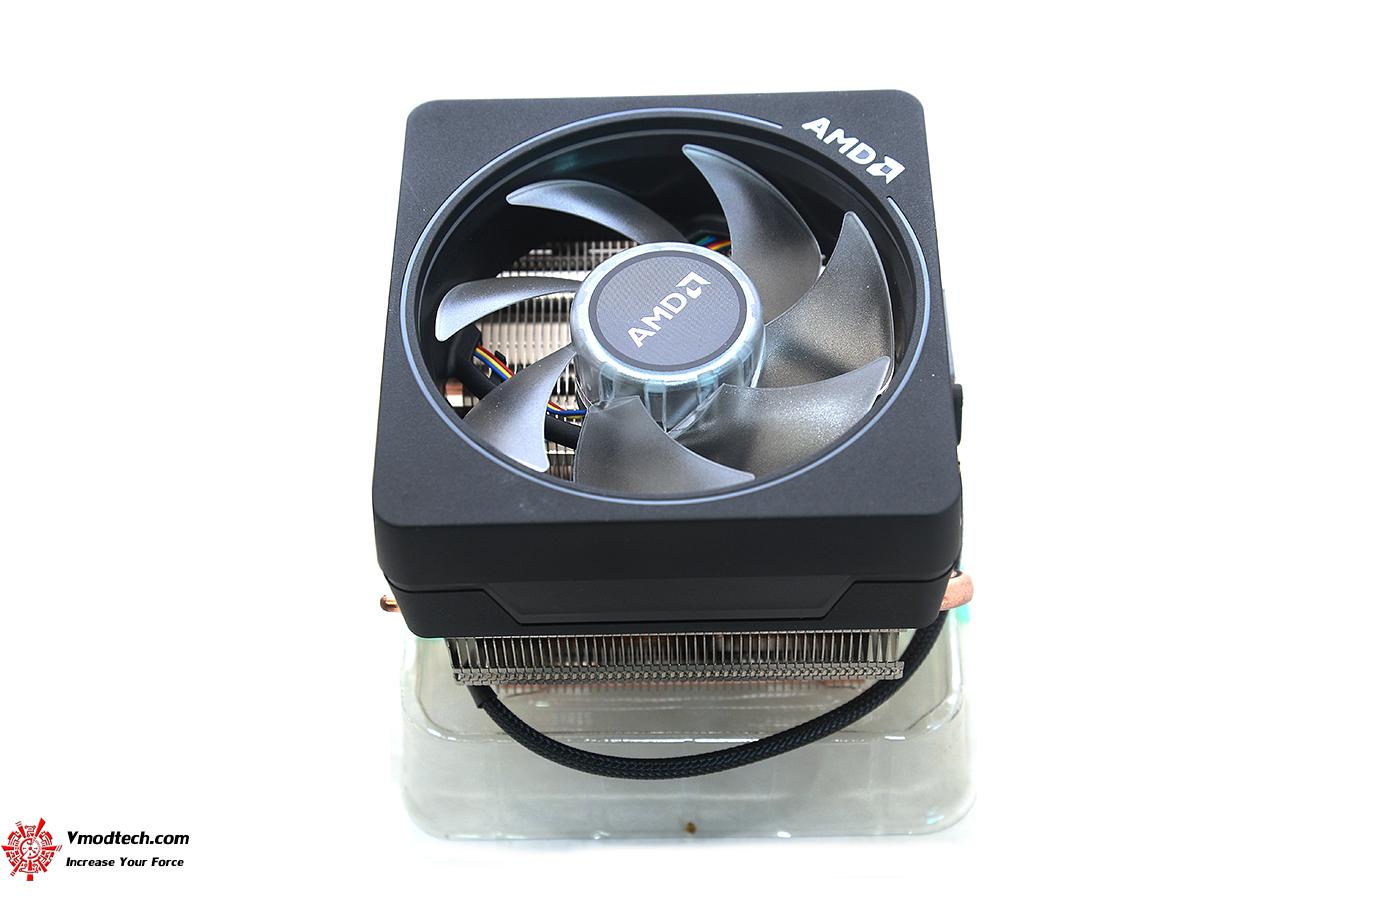 dsc 1073 AMD RYZEN 7 2700X PROCESSOR REVIEW